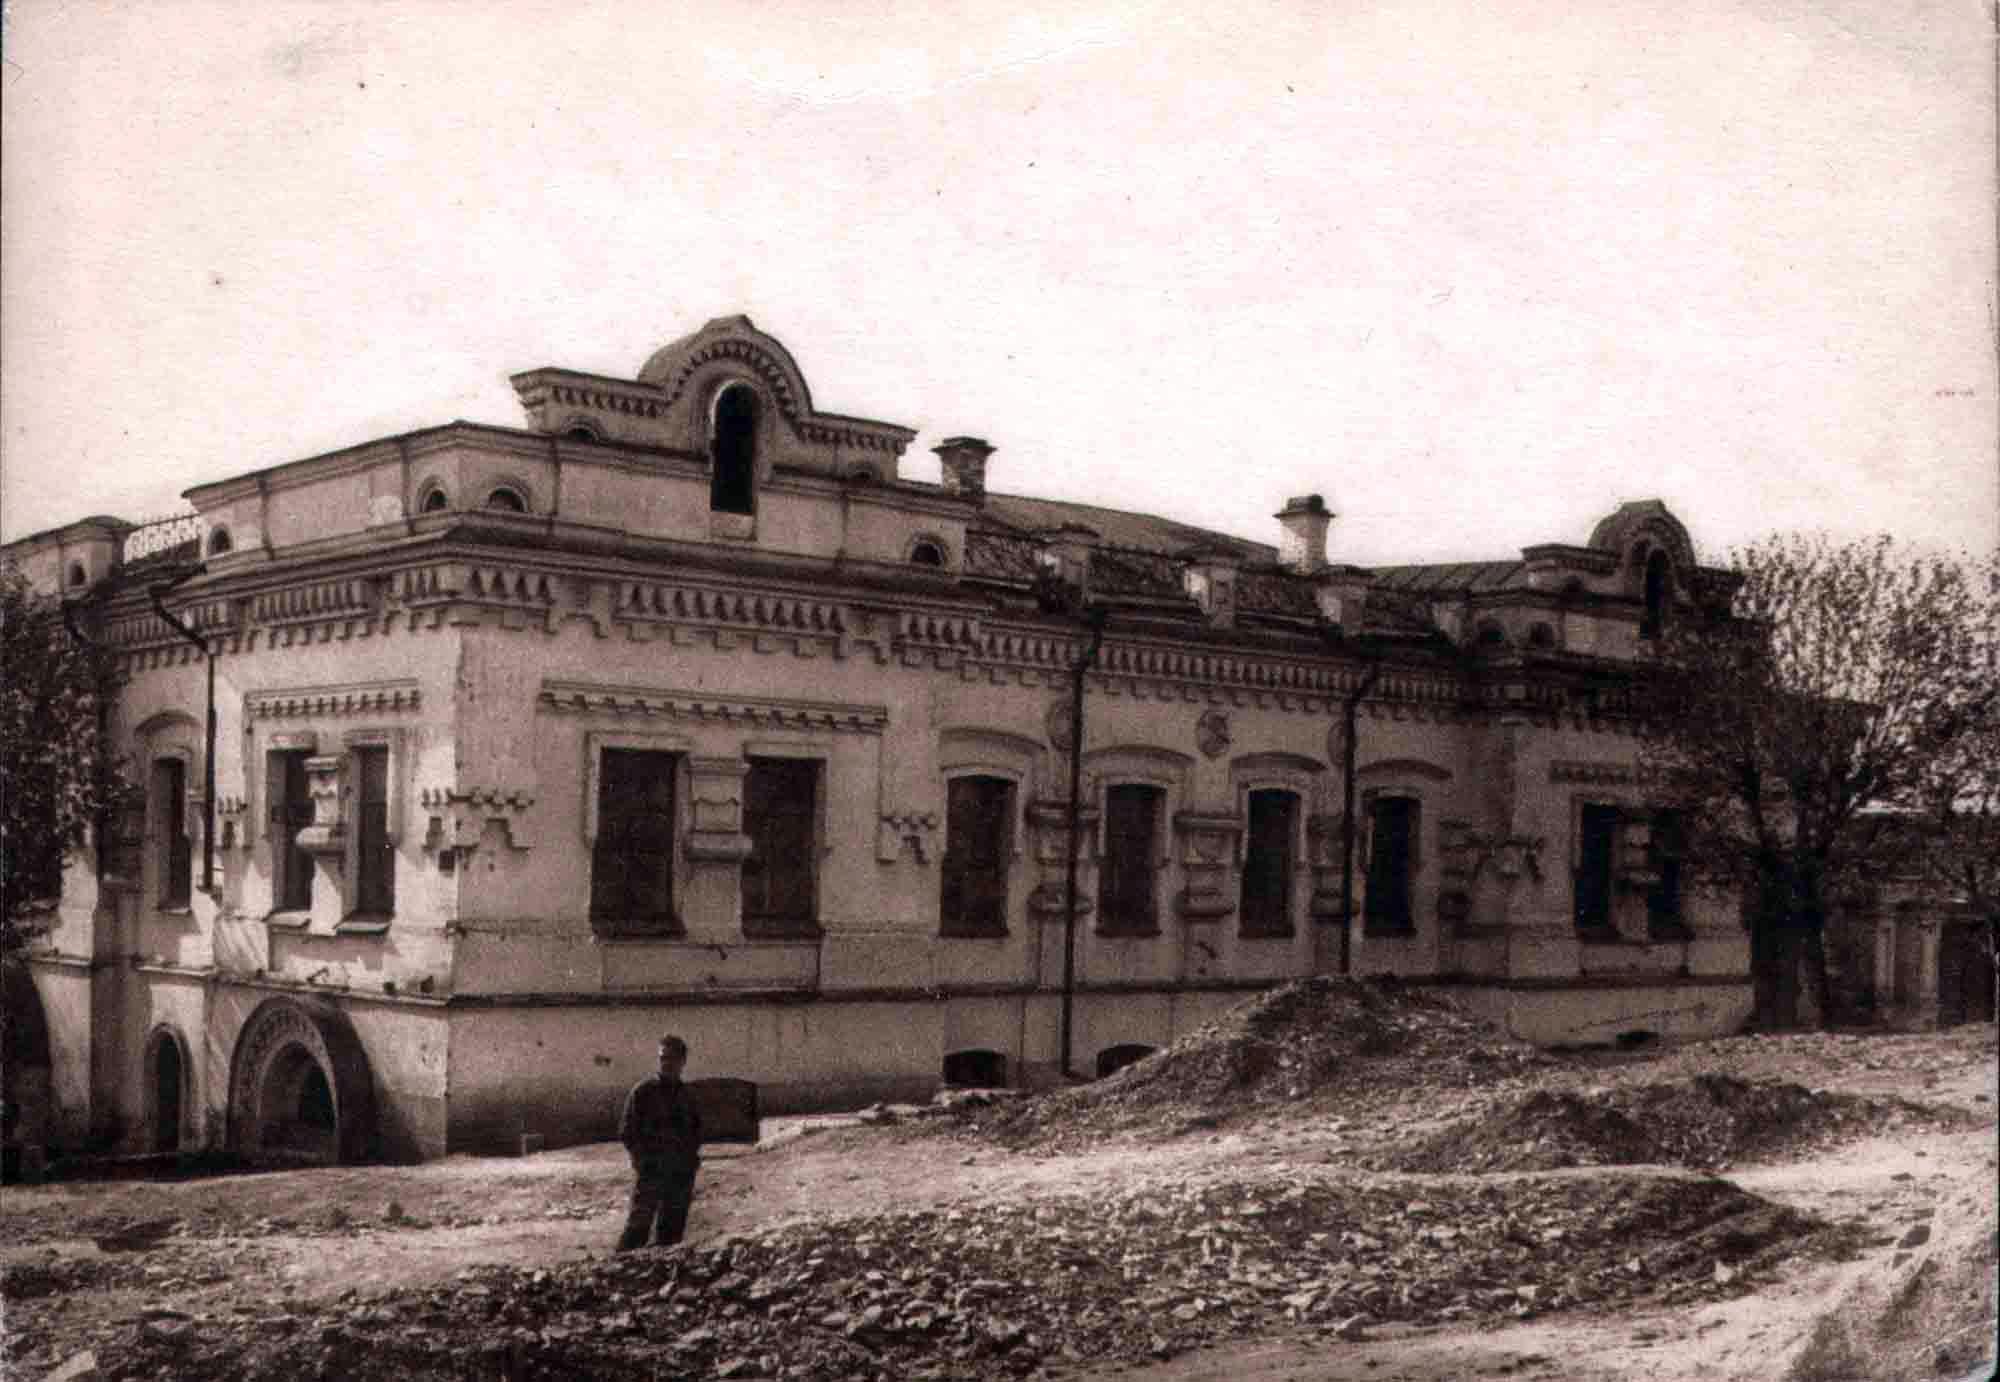 Ipatiev House in Yekaterinburg